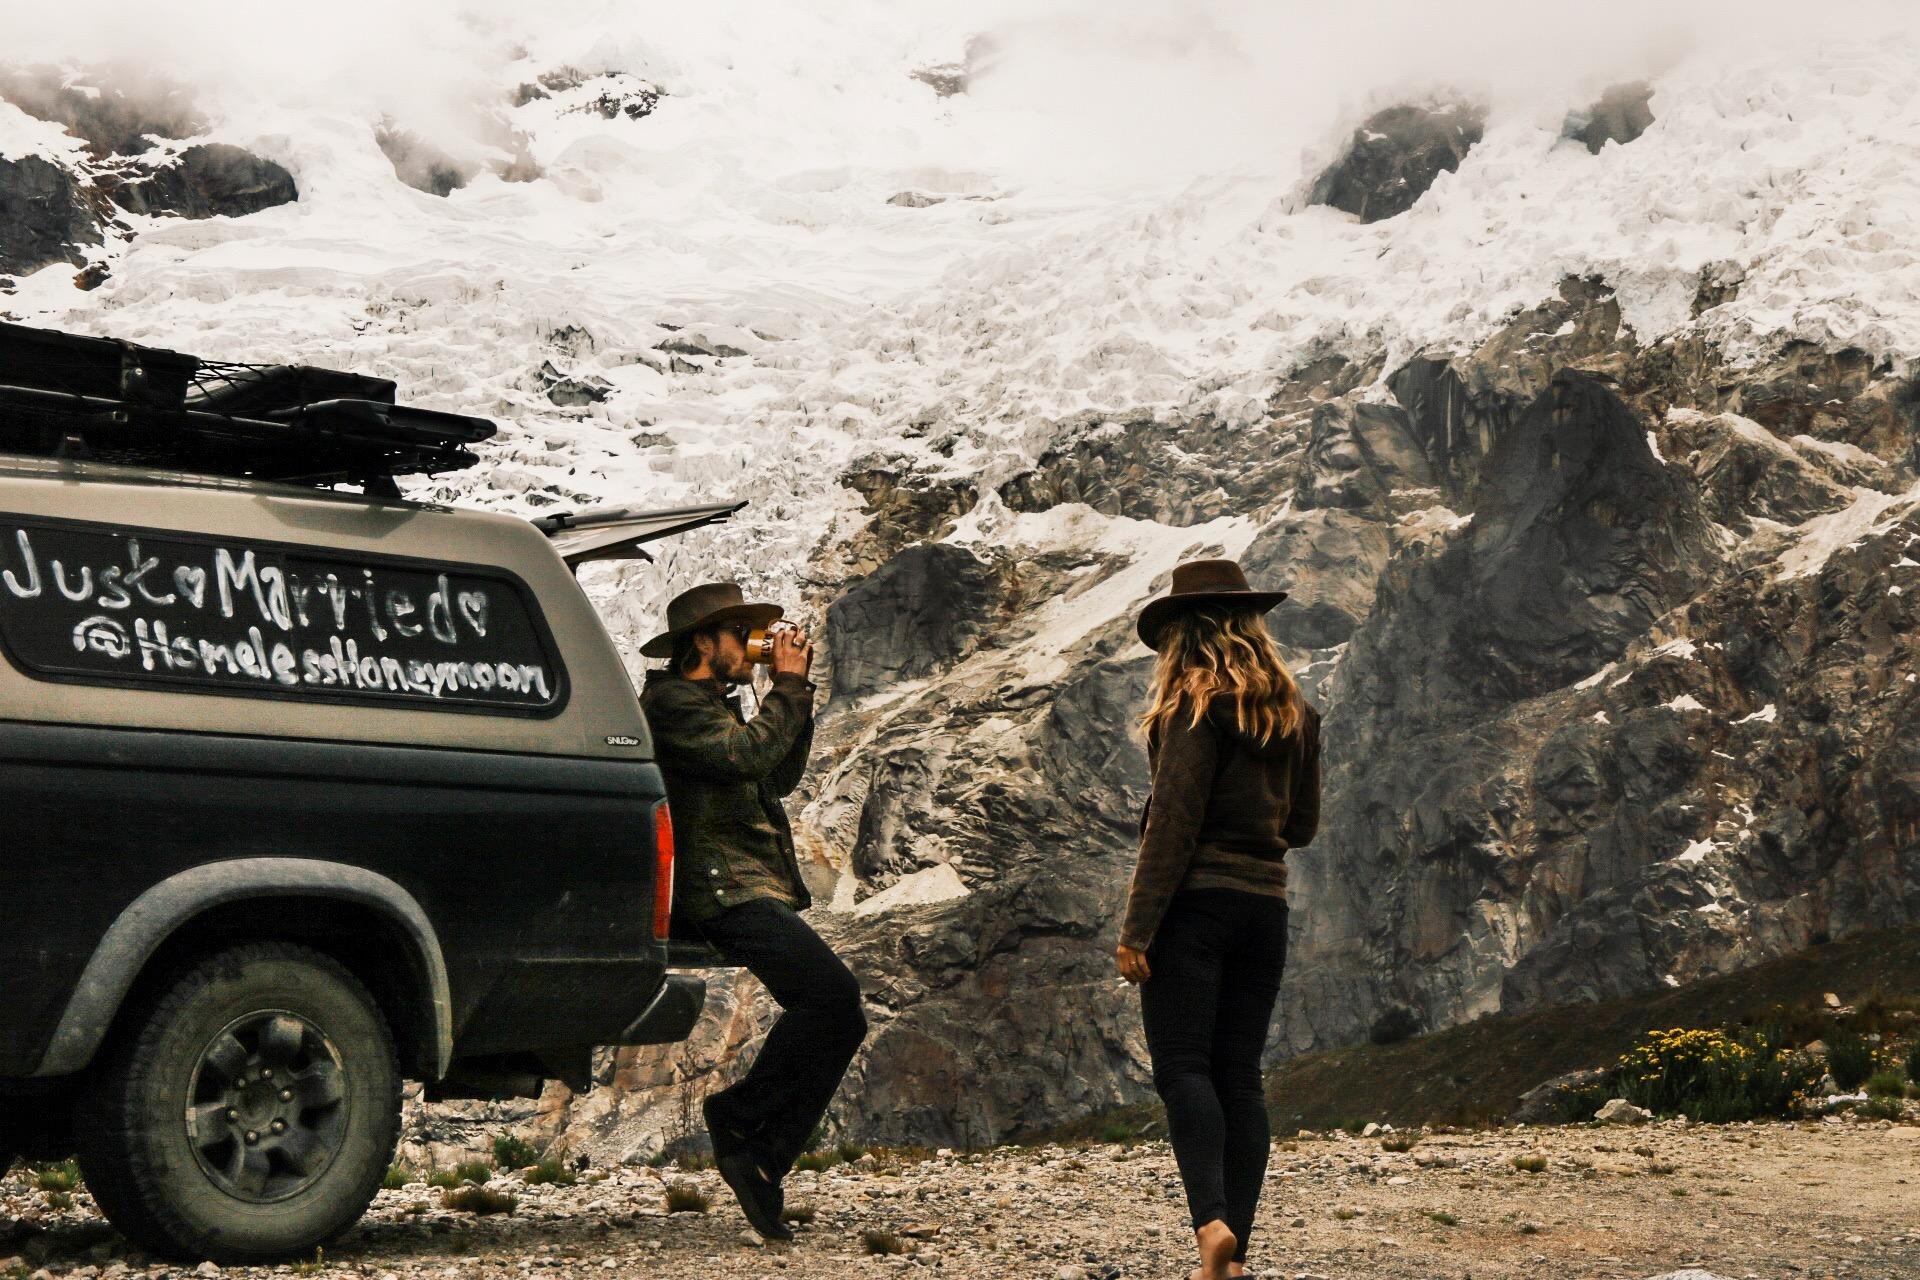 A roadside camp in Huascaran